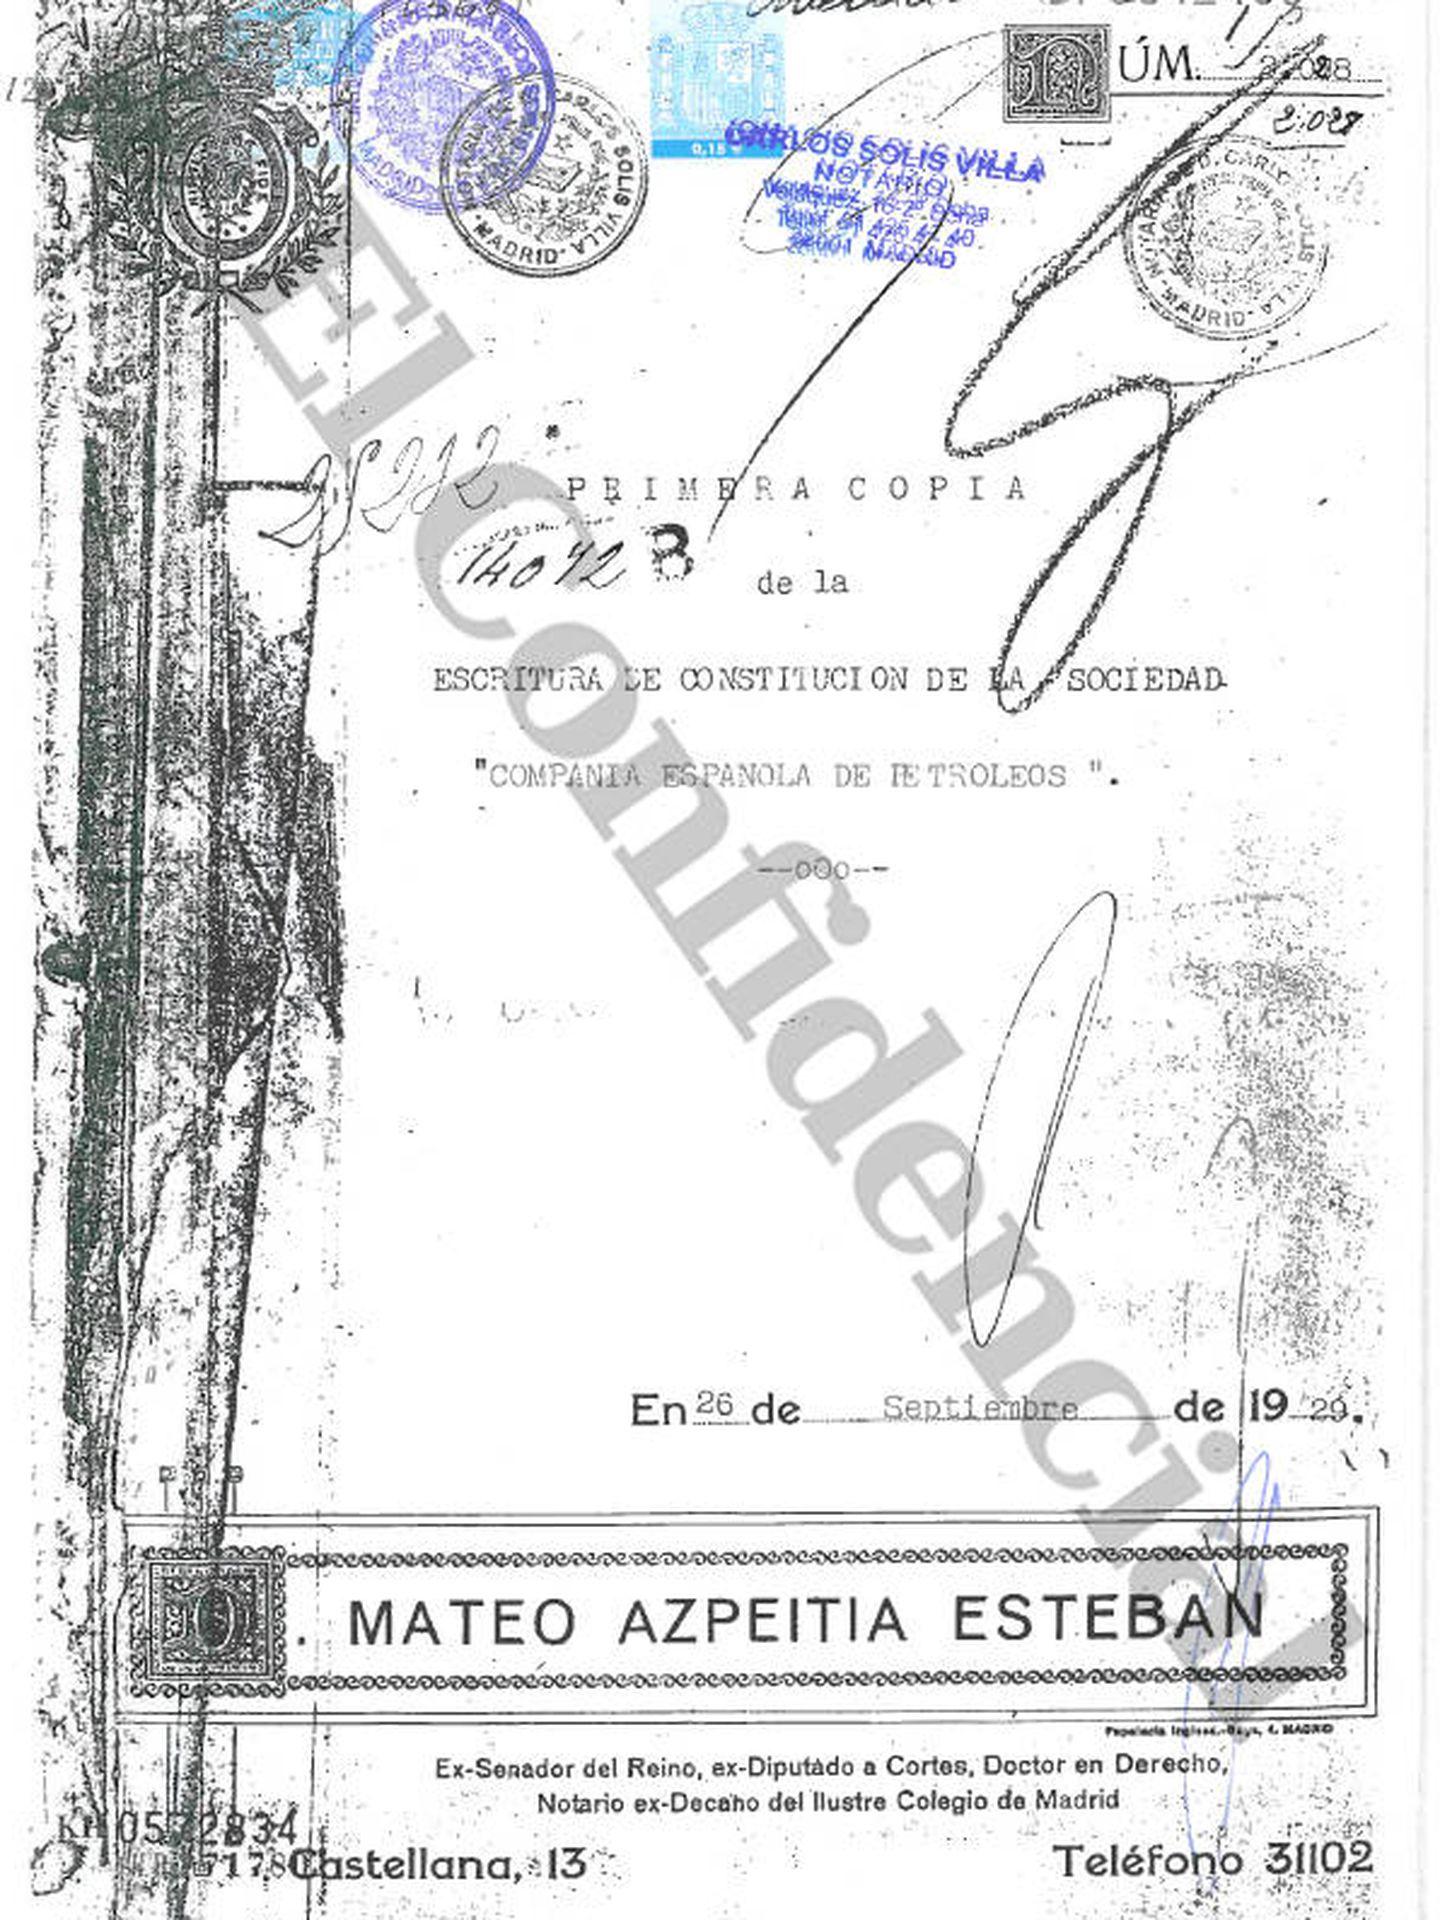 Copia de la escritura original de constitución de Cepsa en 1929.